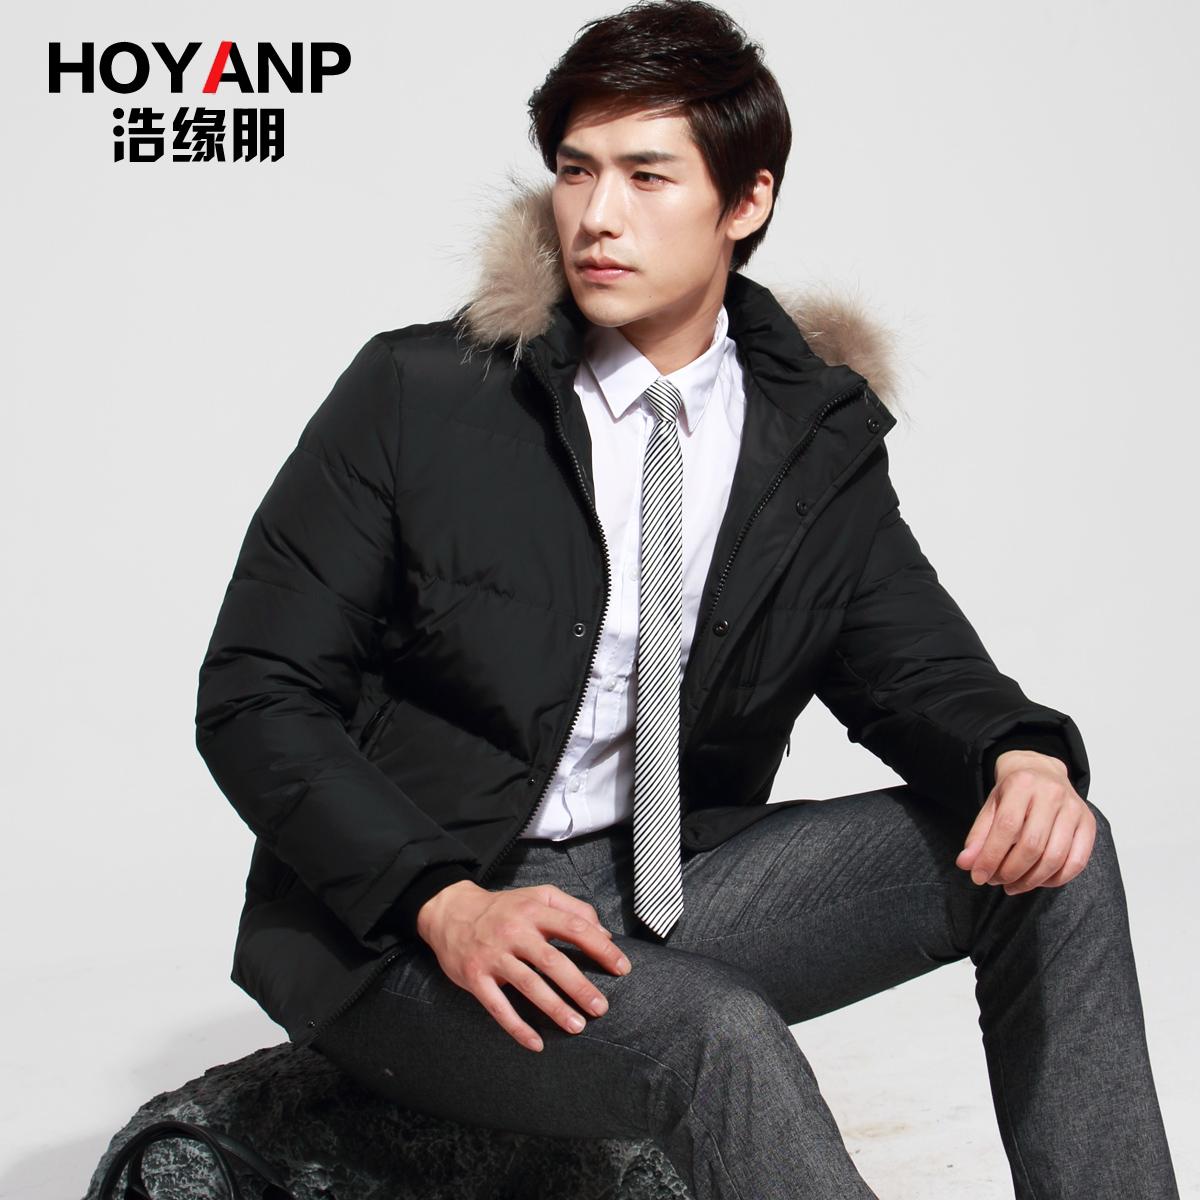 hoyanp男士毛领短款羽绒服加厚正品清仓特价男装冬季休闲外套青年